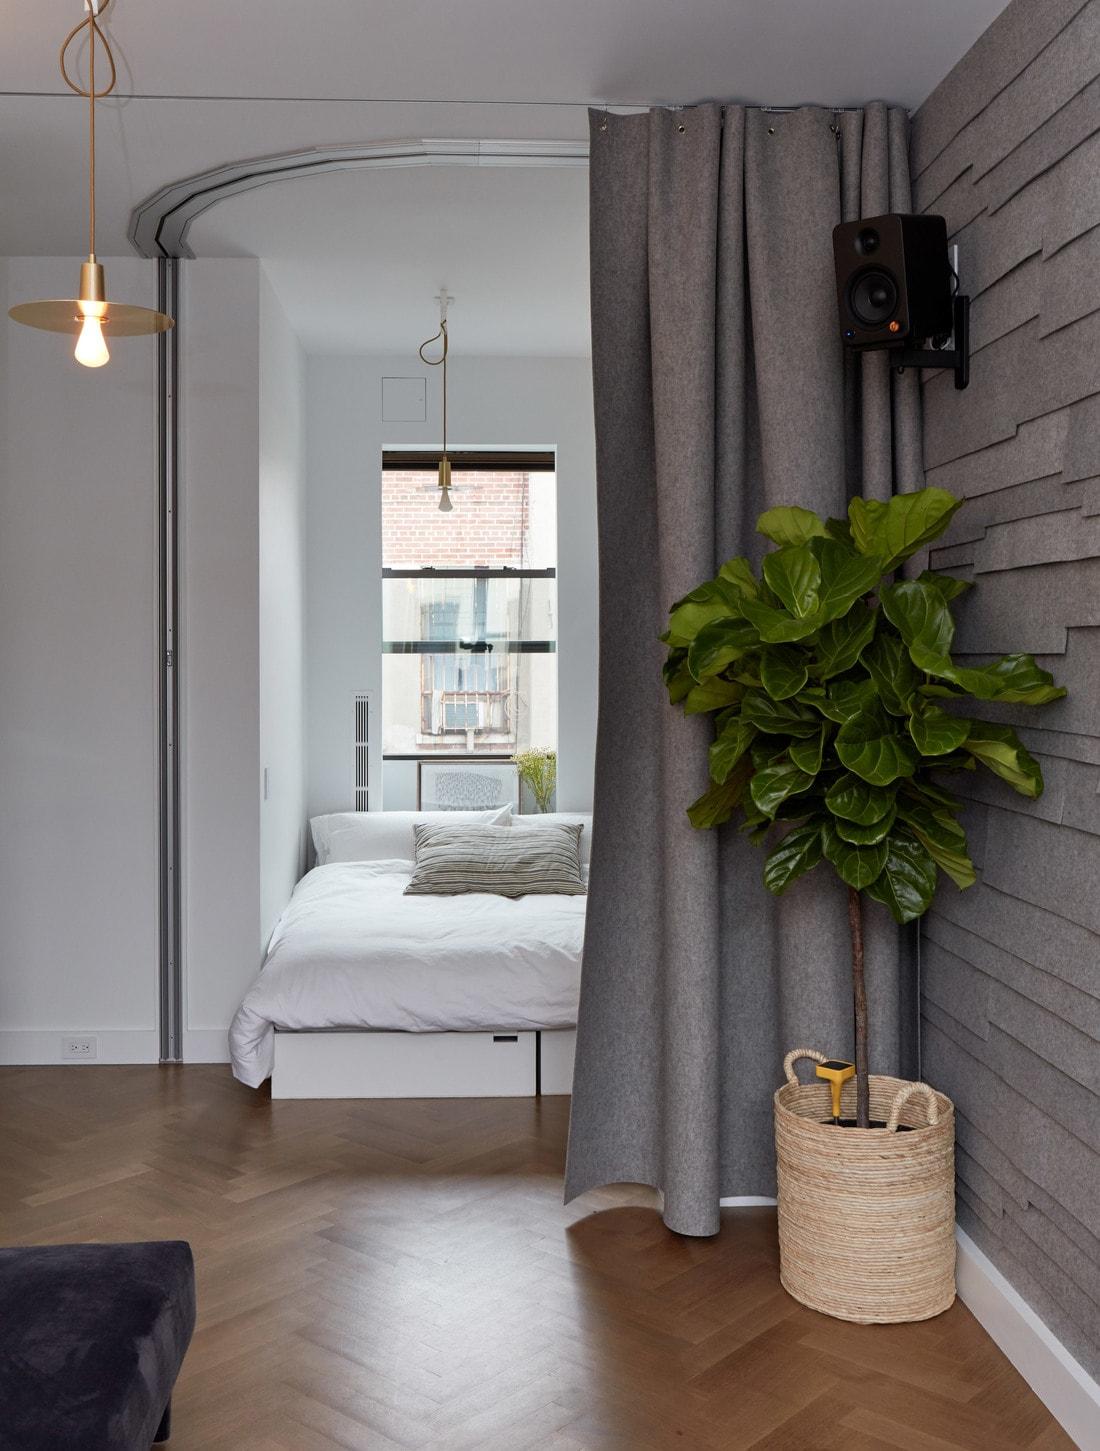 Небольшая квартира с эффективно организованным пространством